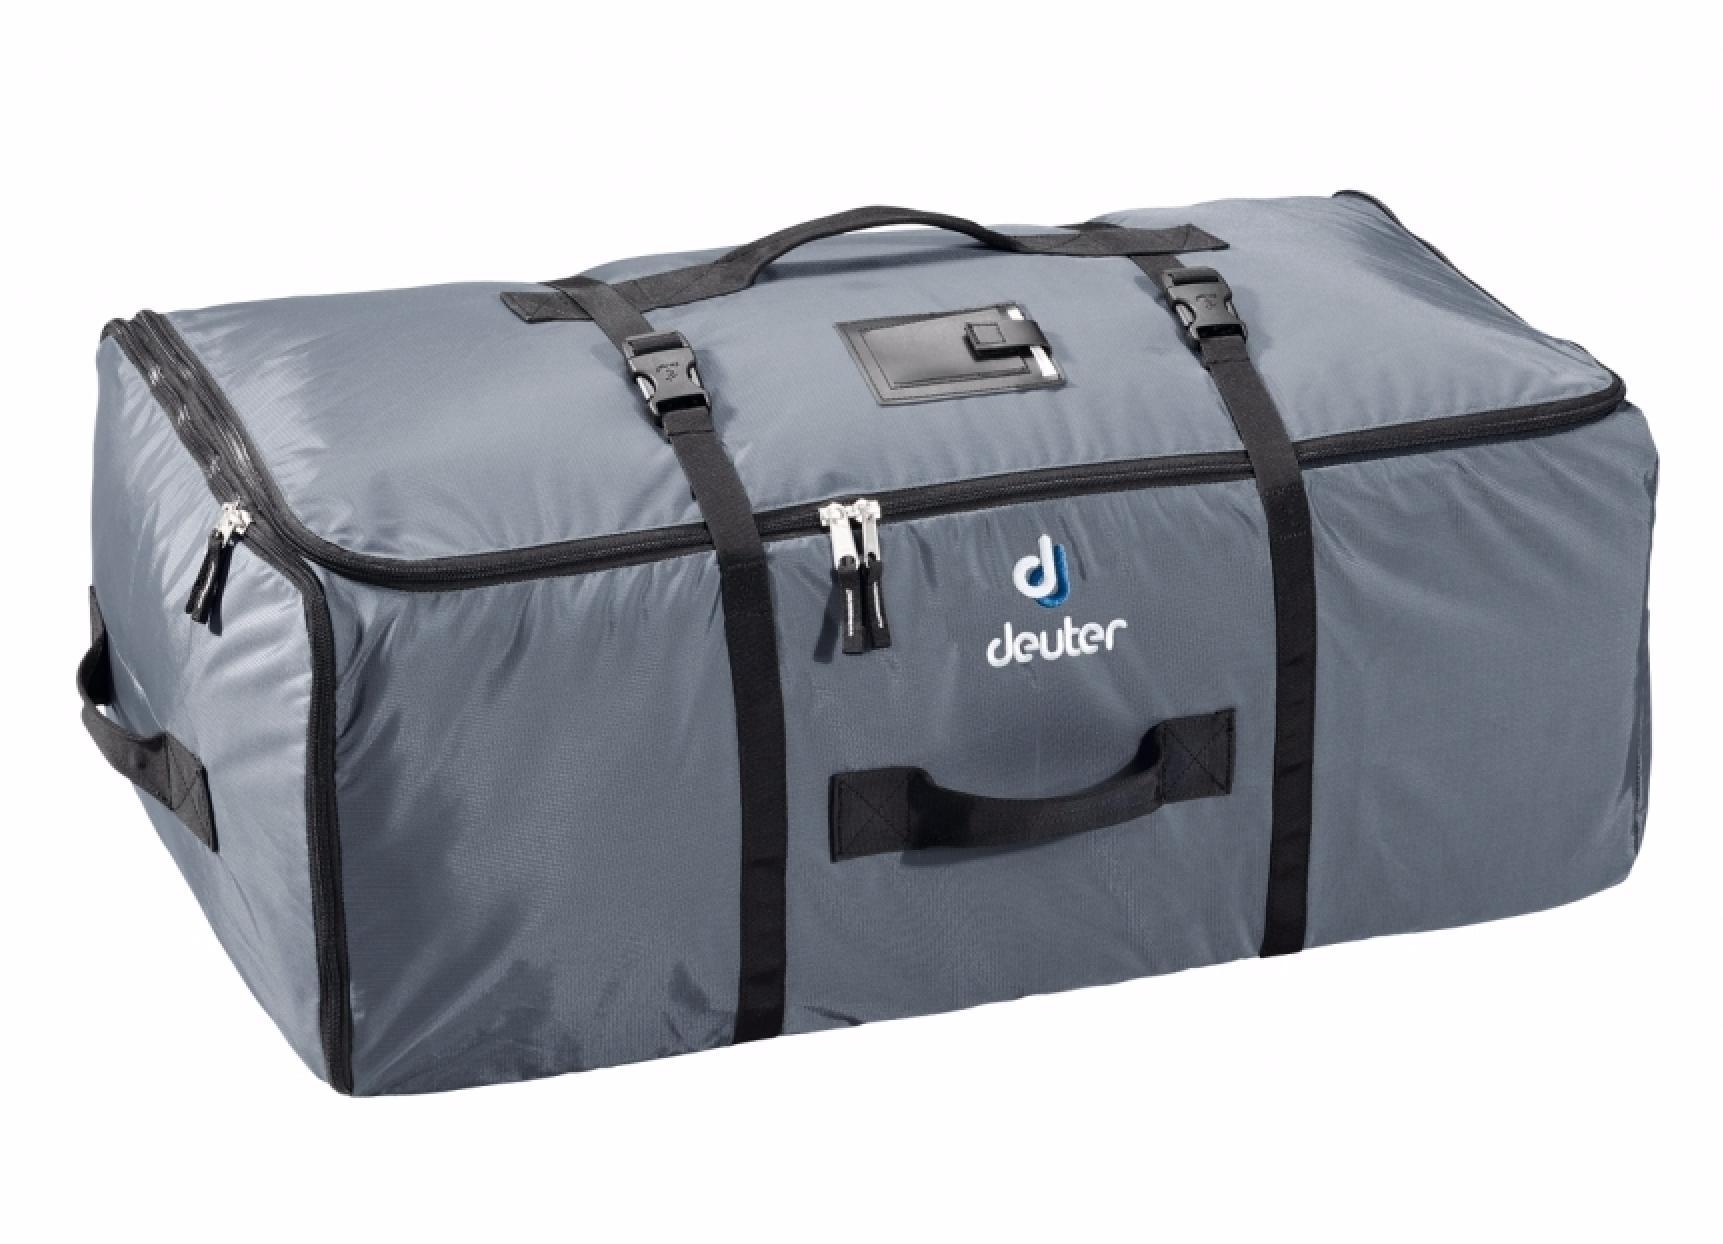 Сумка Deuter 2018 Cargo Bag Exp Granite от КАНТ